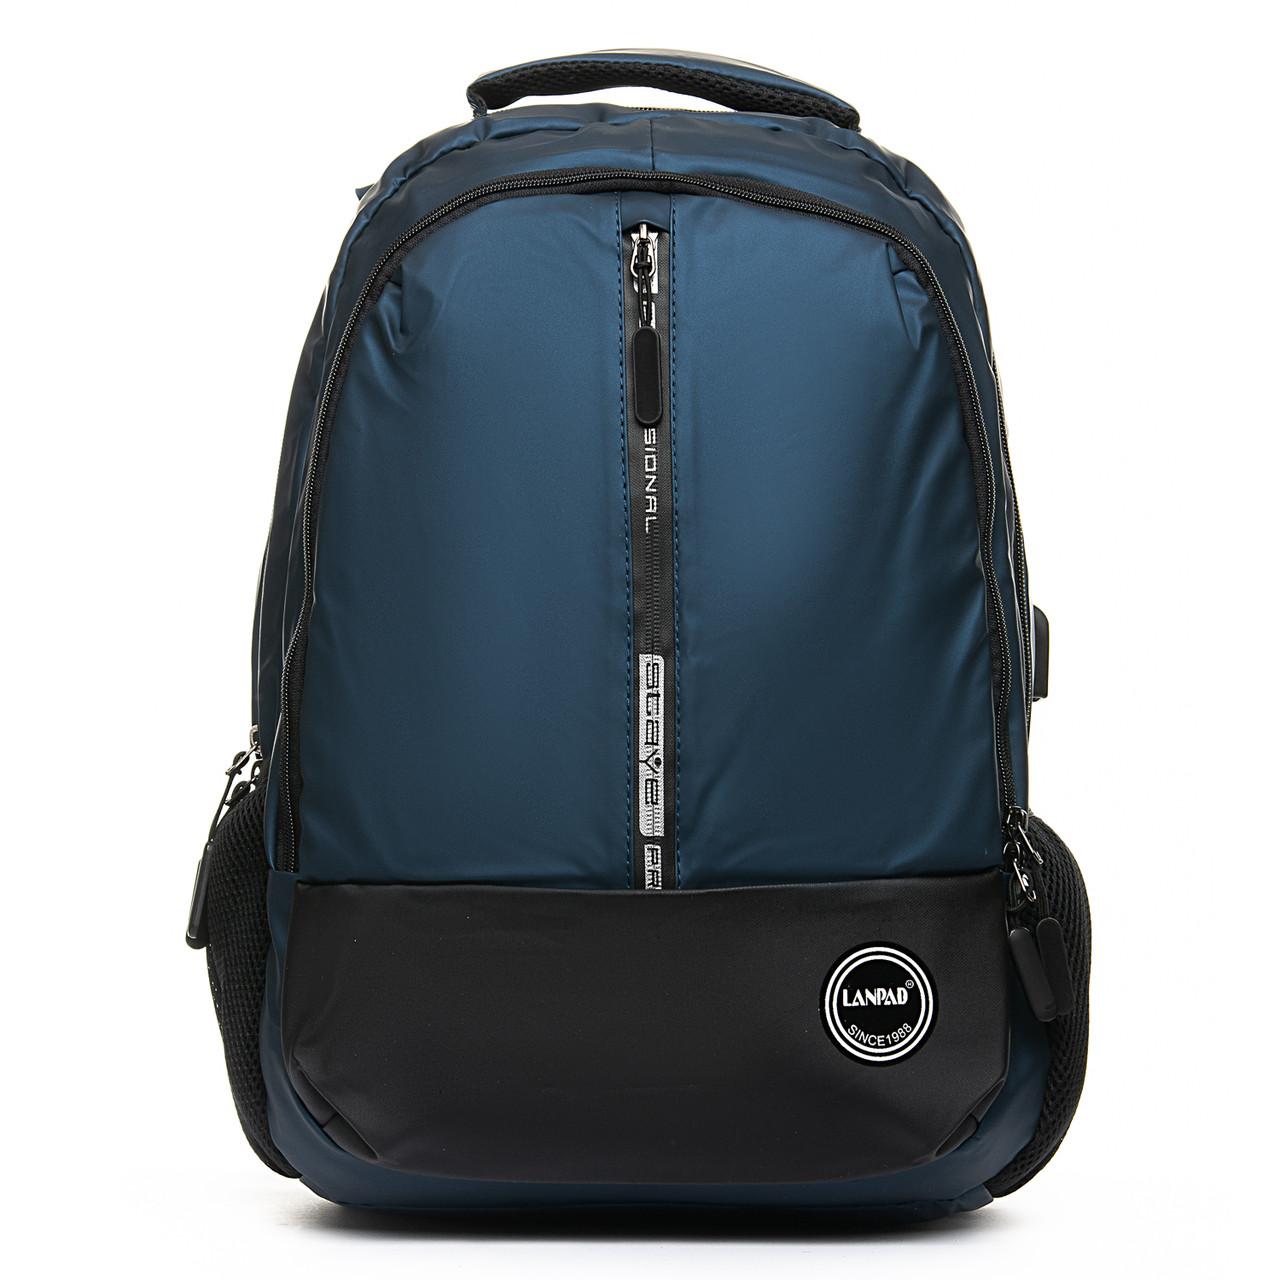 Рюкзак городской Lanpad 30 x 45 x 18 см Синий (2216/2)